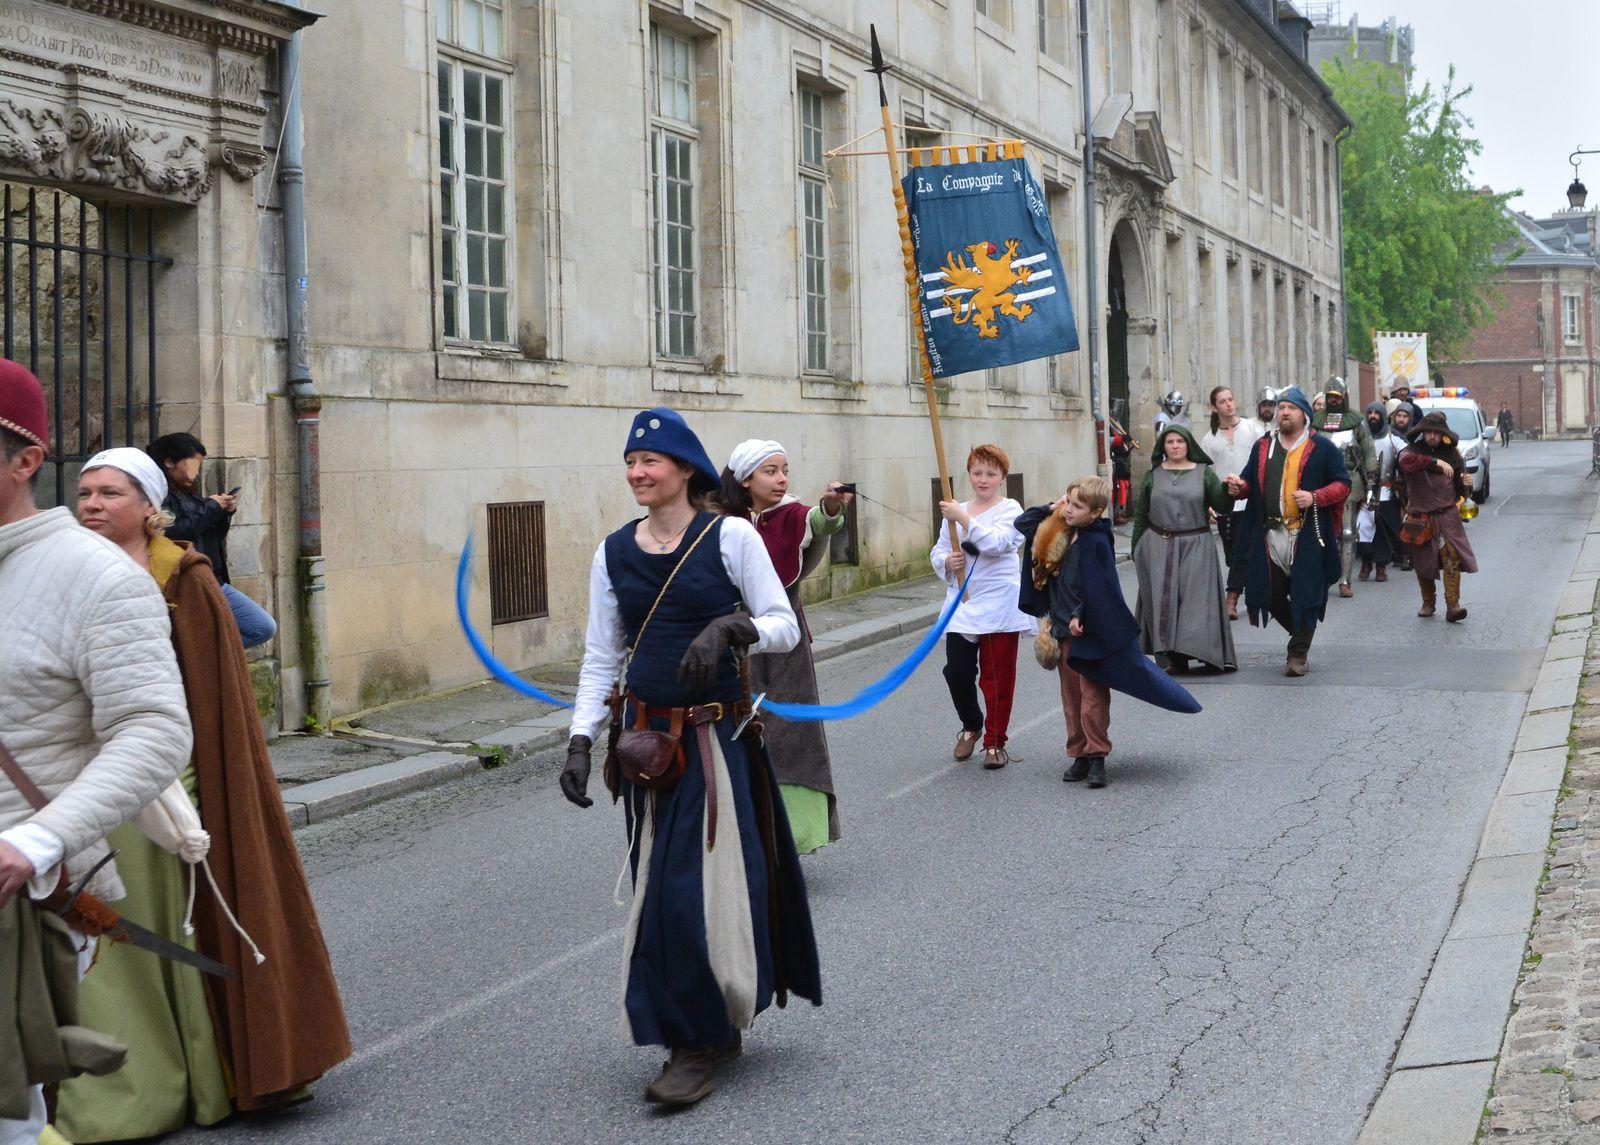 Fêtes Médiévales Laon 4/5 Juin 2016